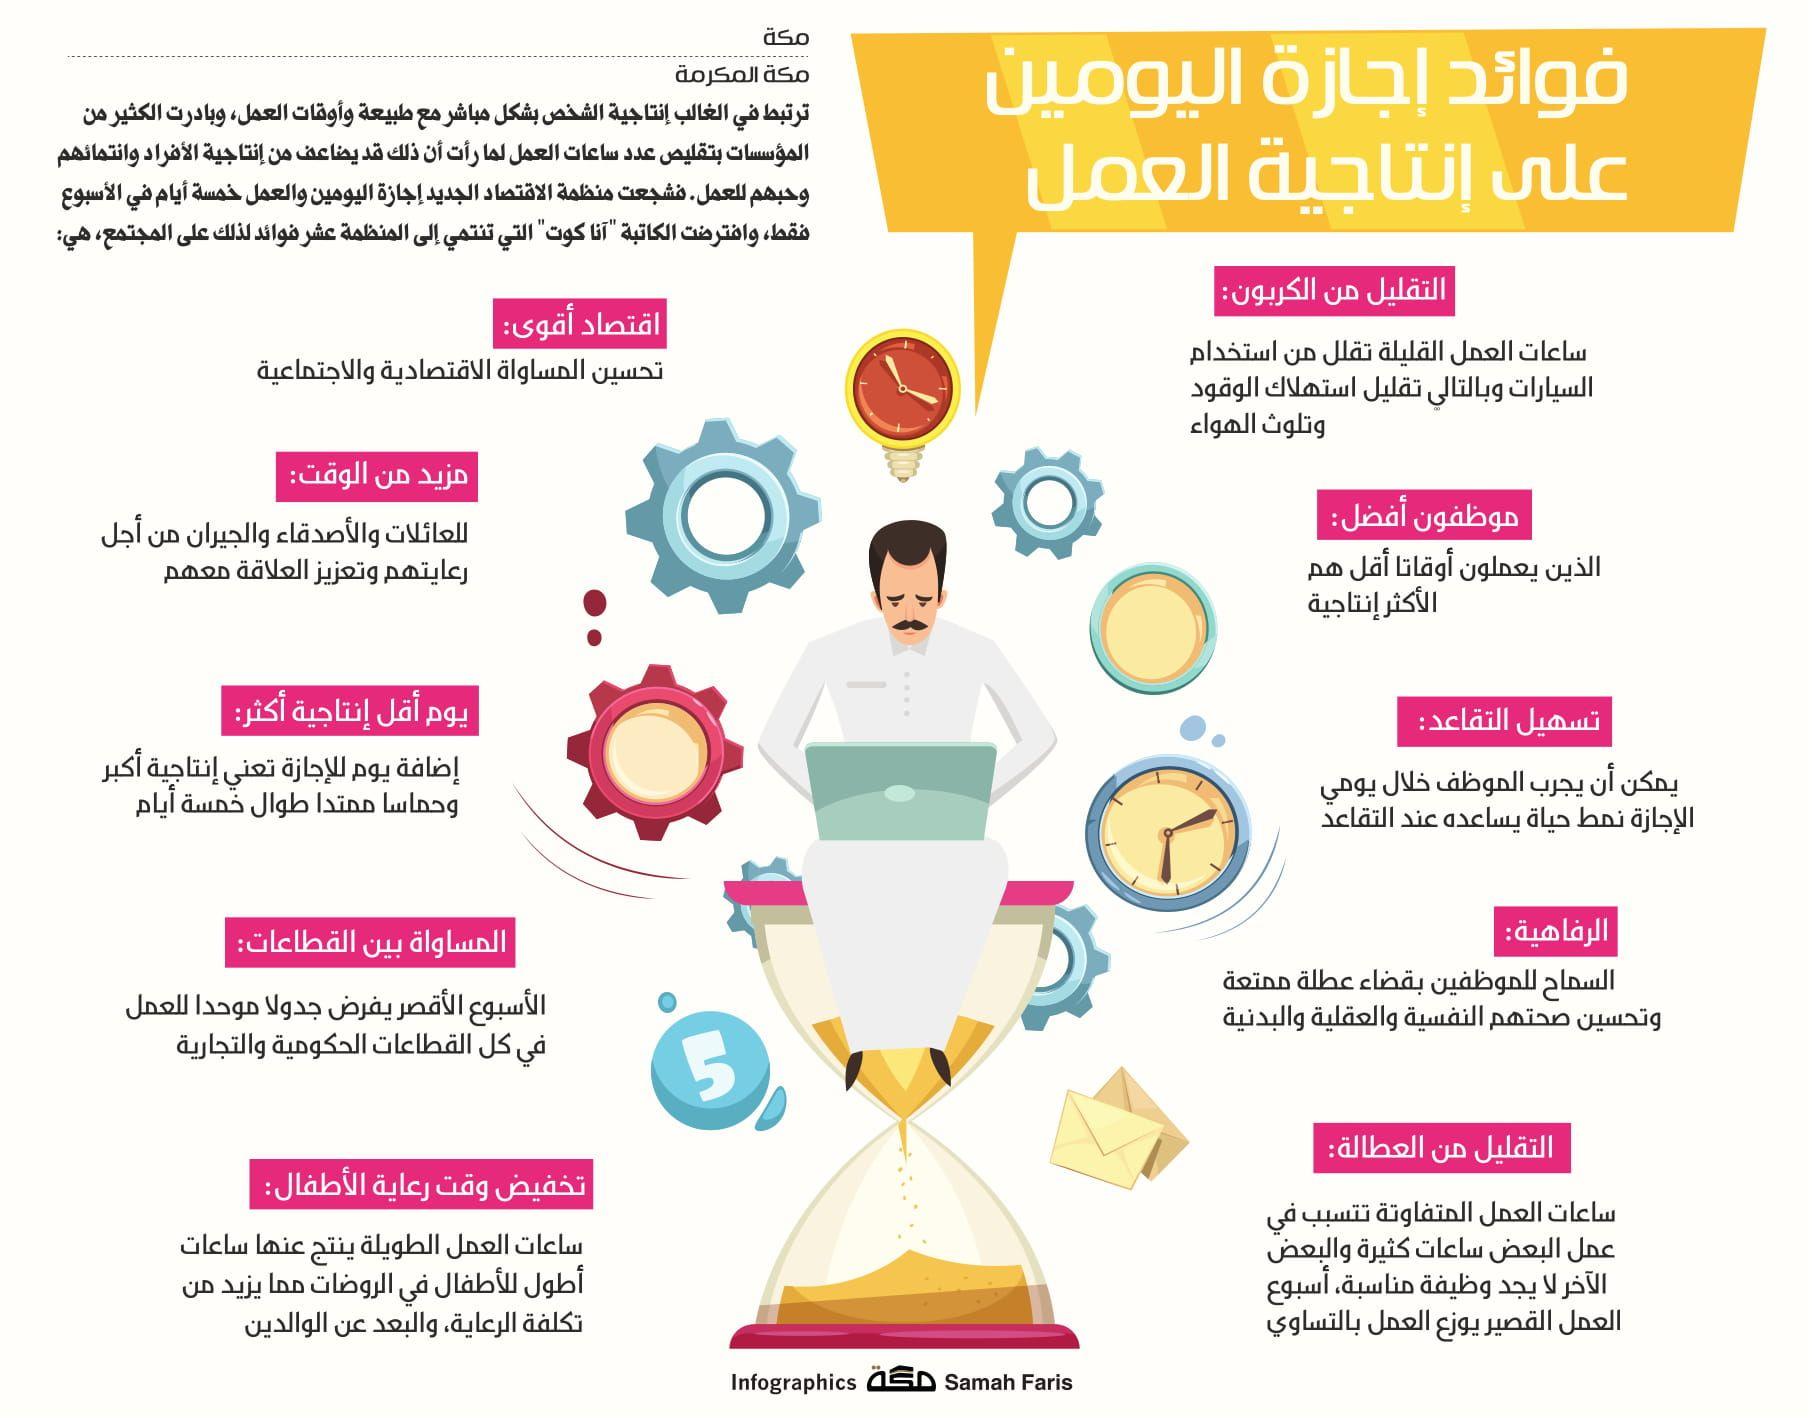 فوائد إجازة اليومين على الإنتاجية في العمل صحيفة مكة انفوجرافيك توظيف Infographic Life Quotes Education